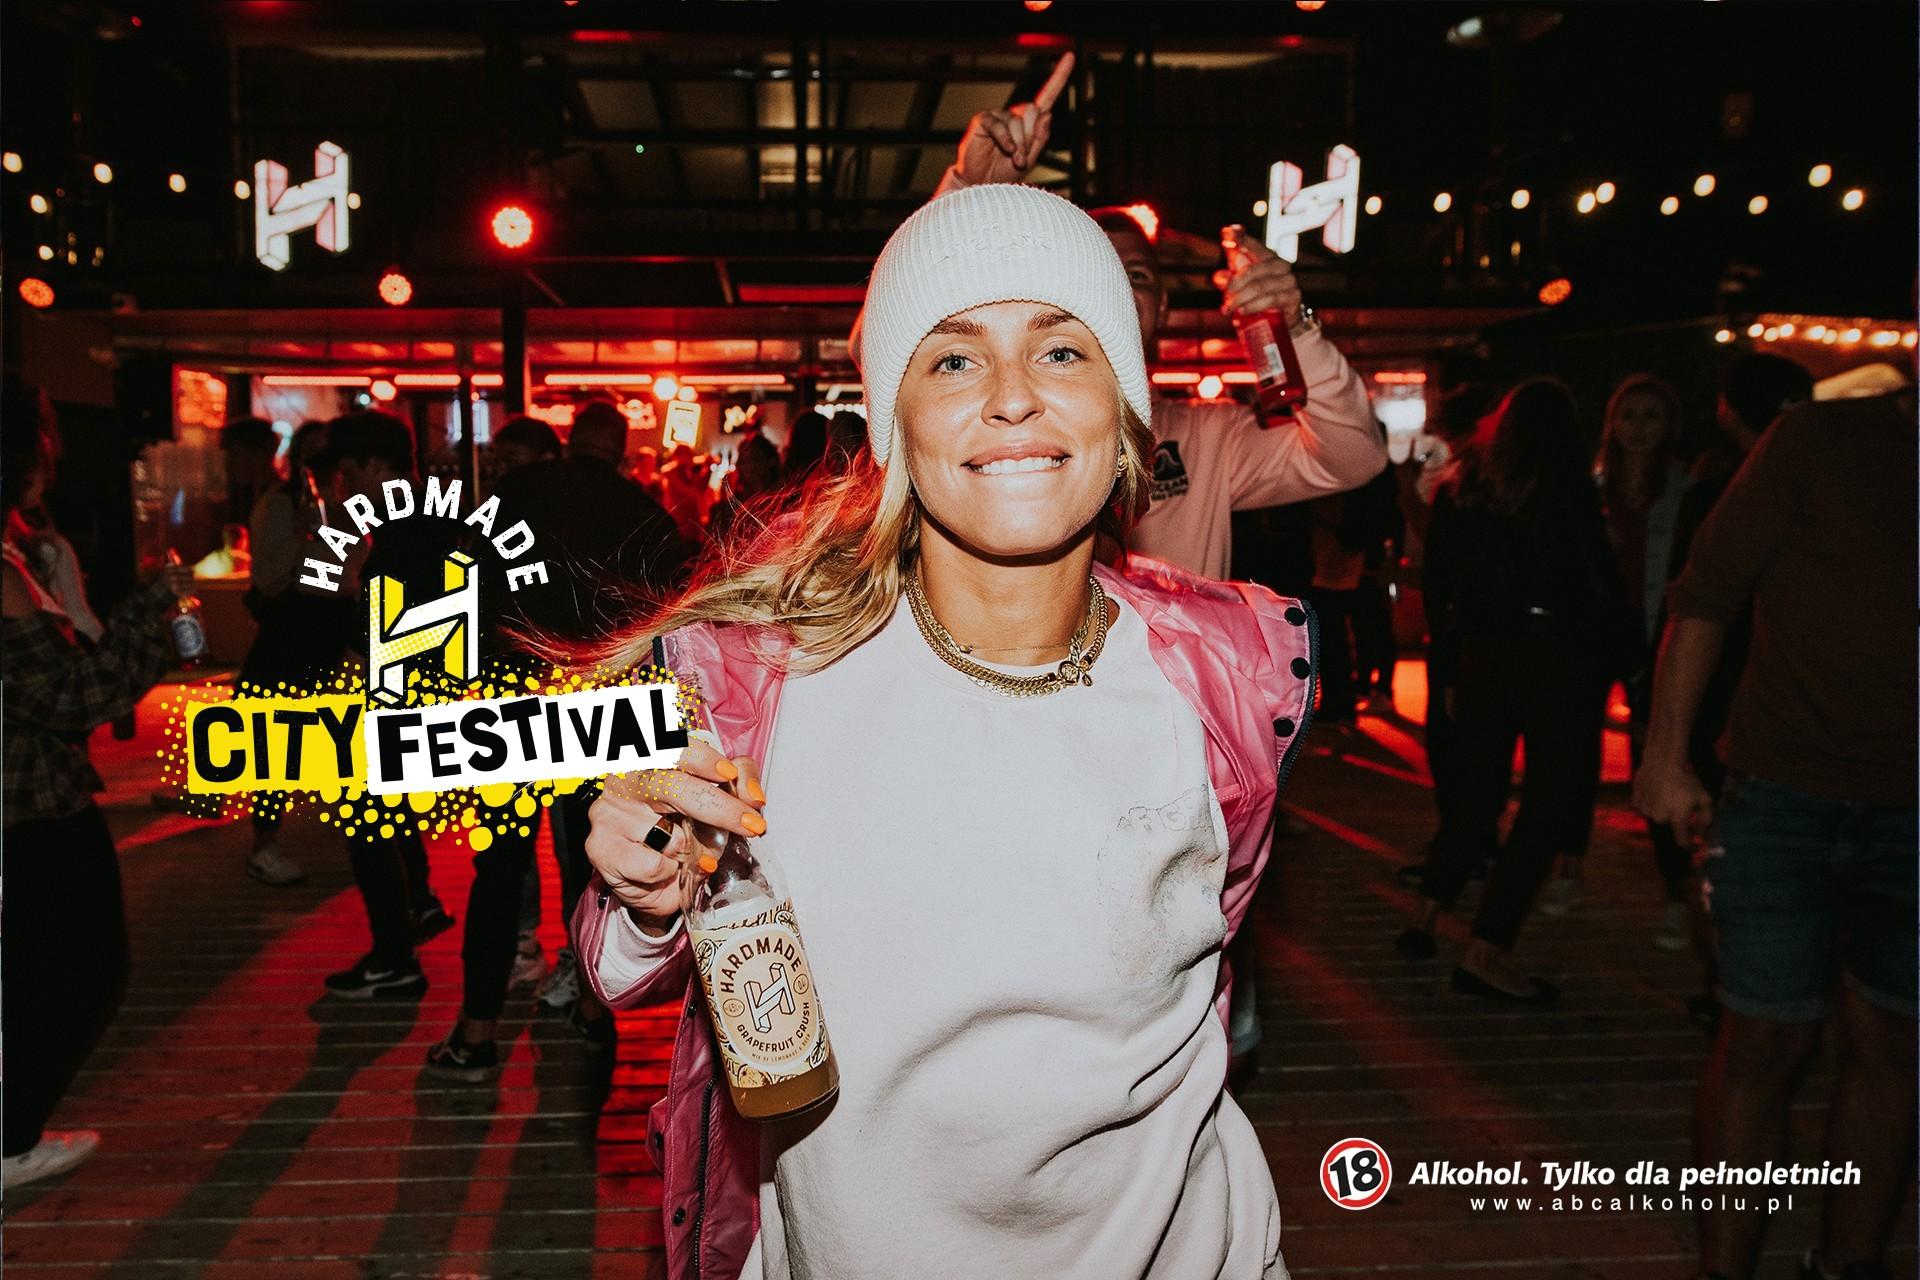 Jak powstało klubowe oświetlenie iglowsticki? Hardmade City Festival oszołomi was fluo-barwami